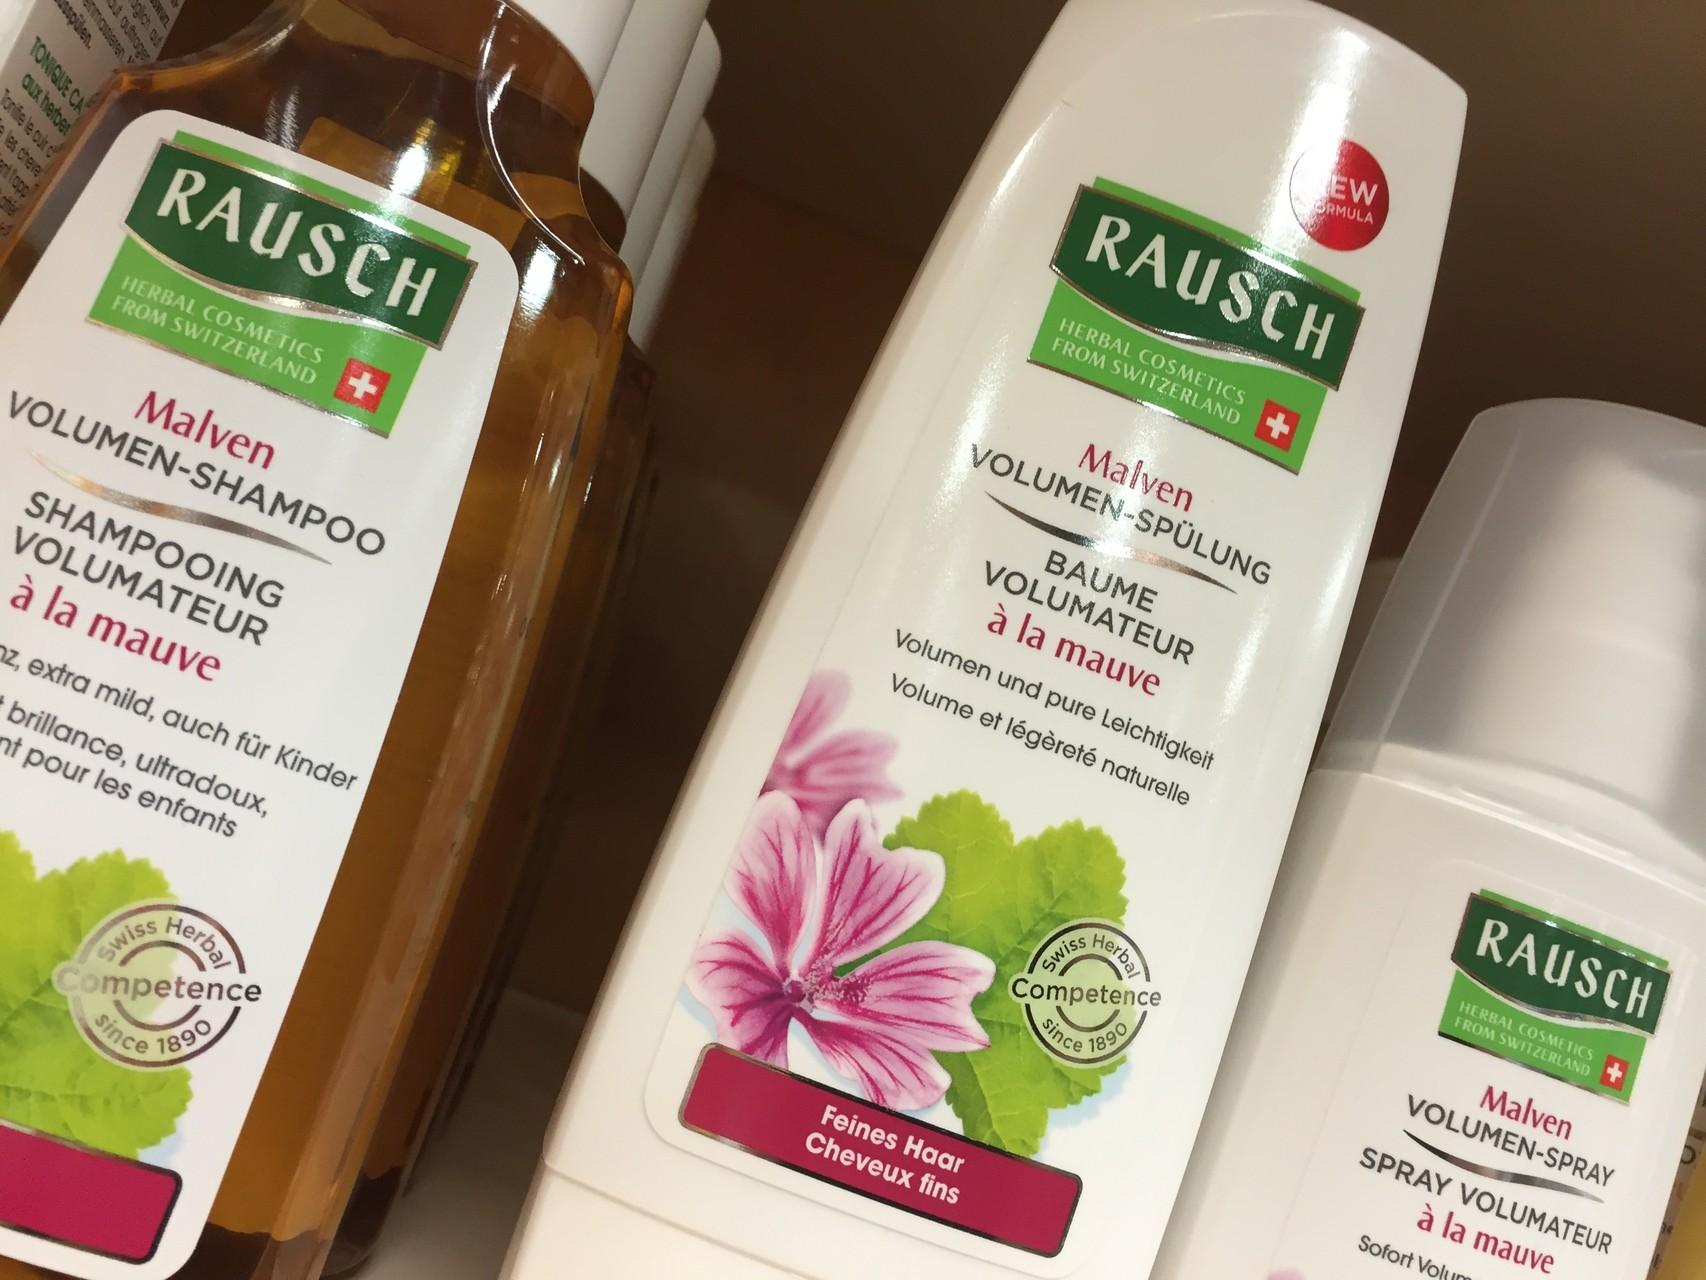 ... bei feinem Haar: Malven Volumen - Shampoo, Malven Volumen - Spülung, Malven Volumen - Spray.